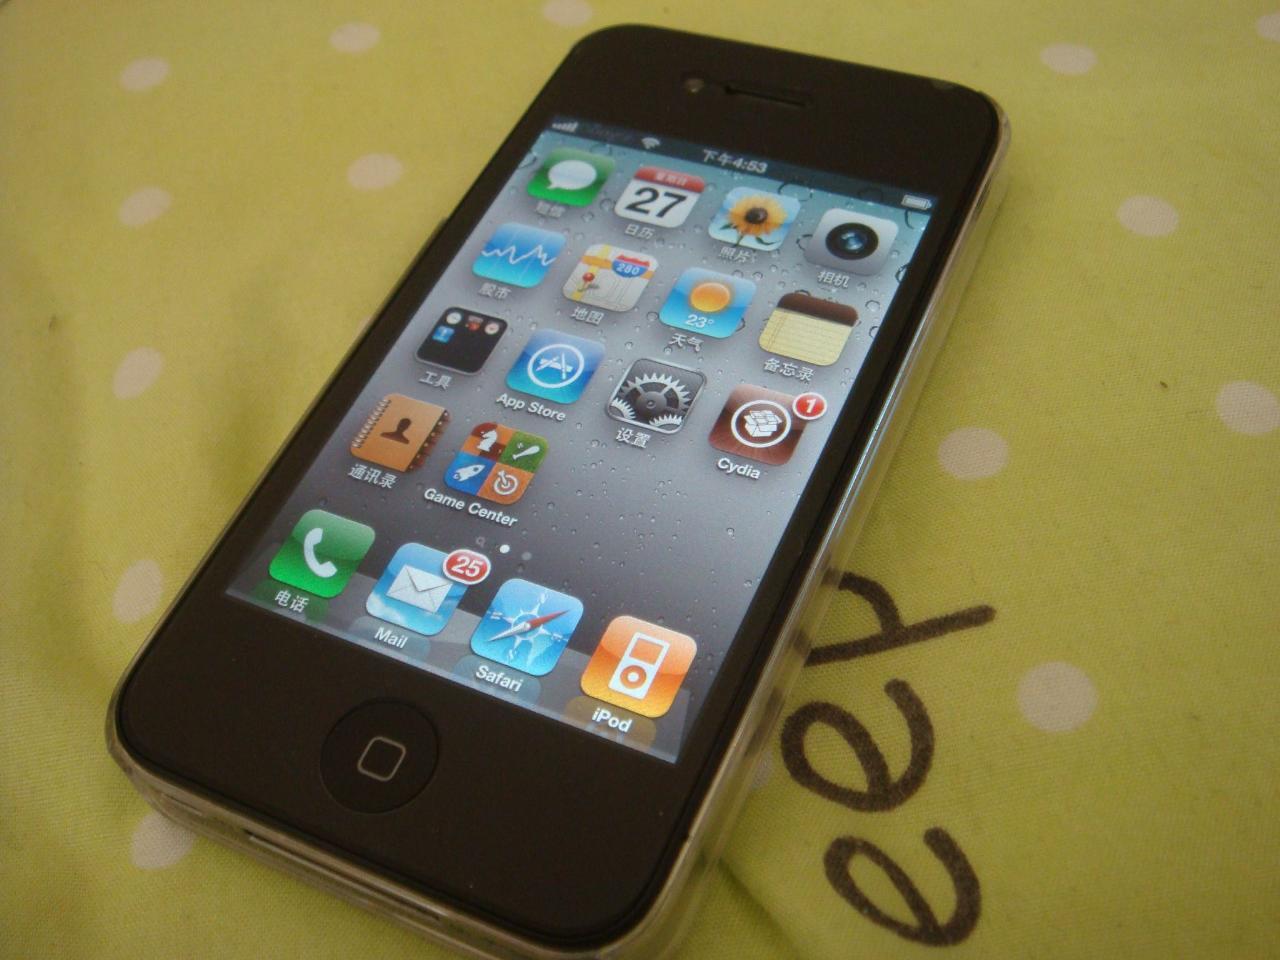 95新原装正品国行苹果iPhone4s黑色16g